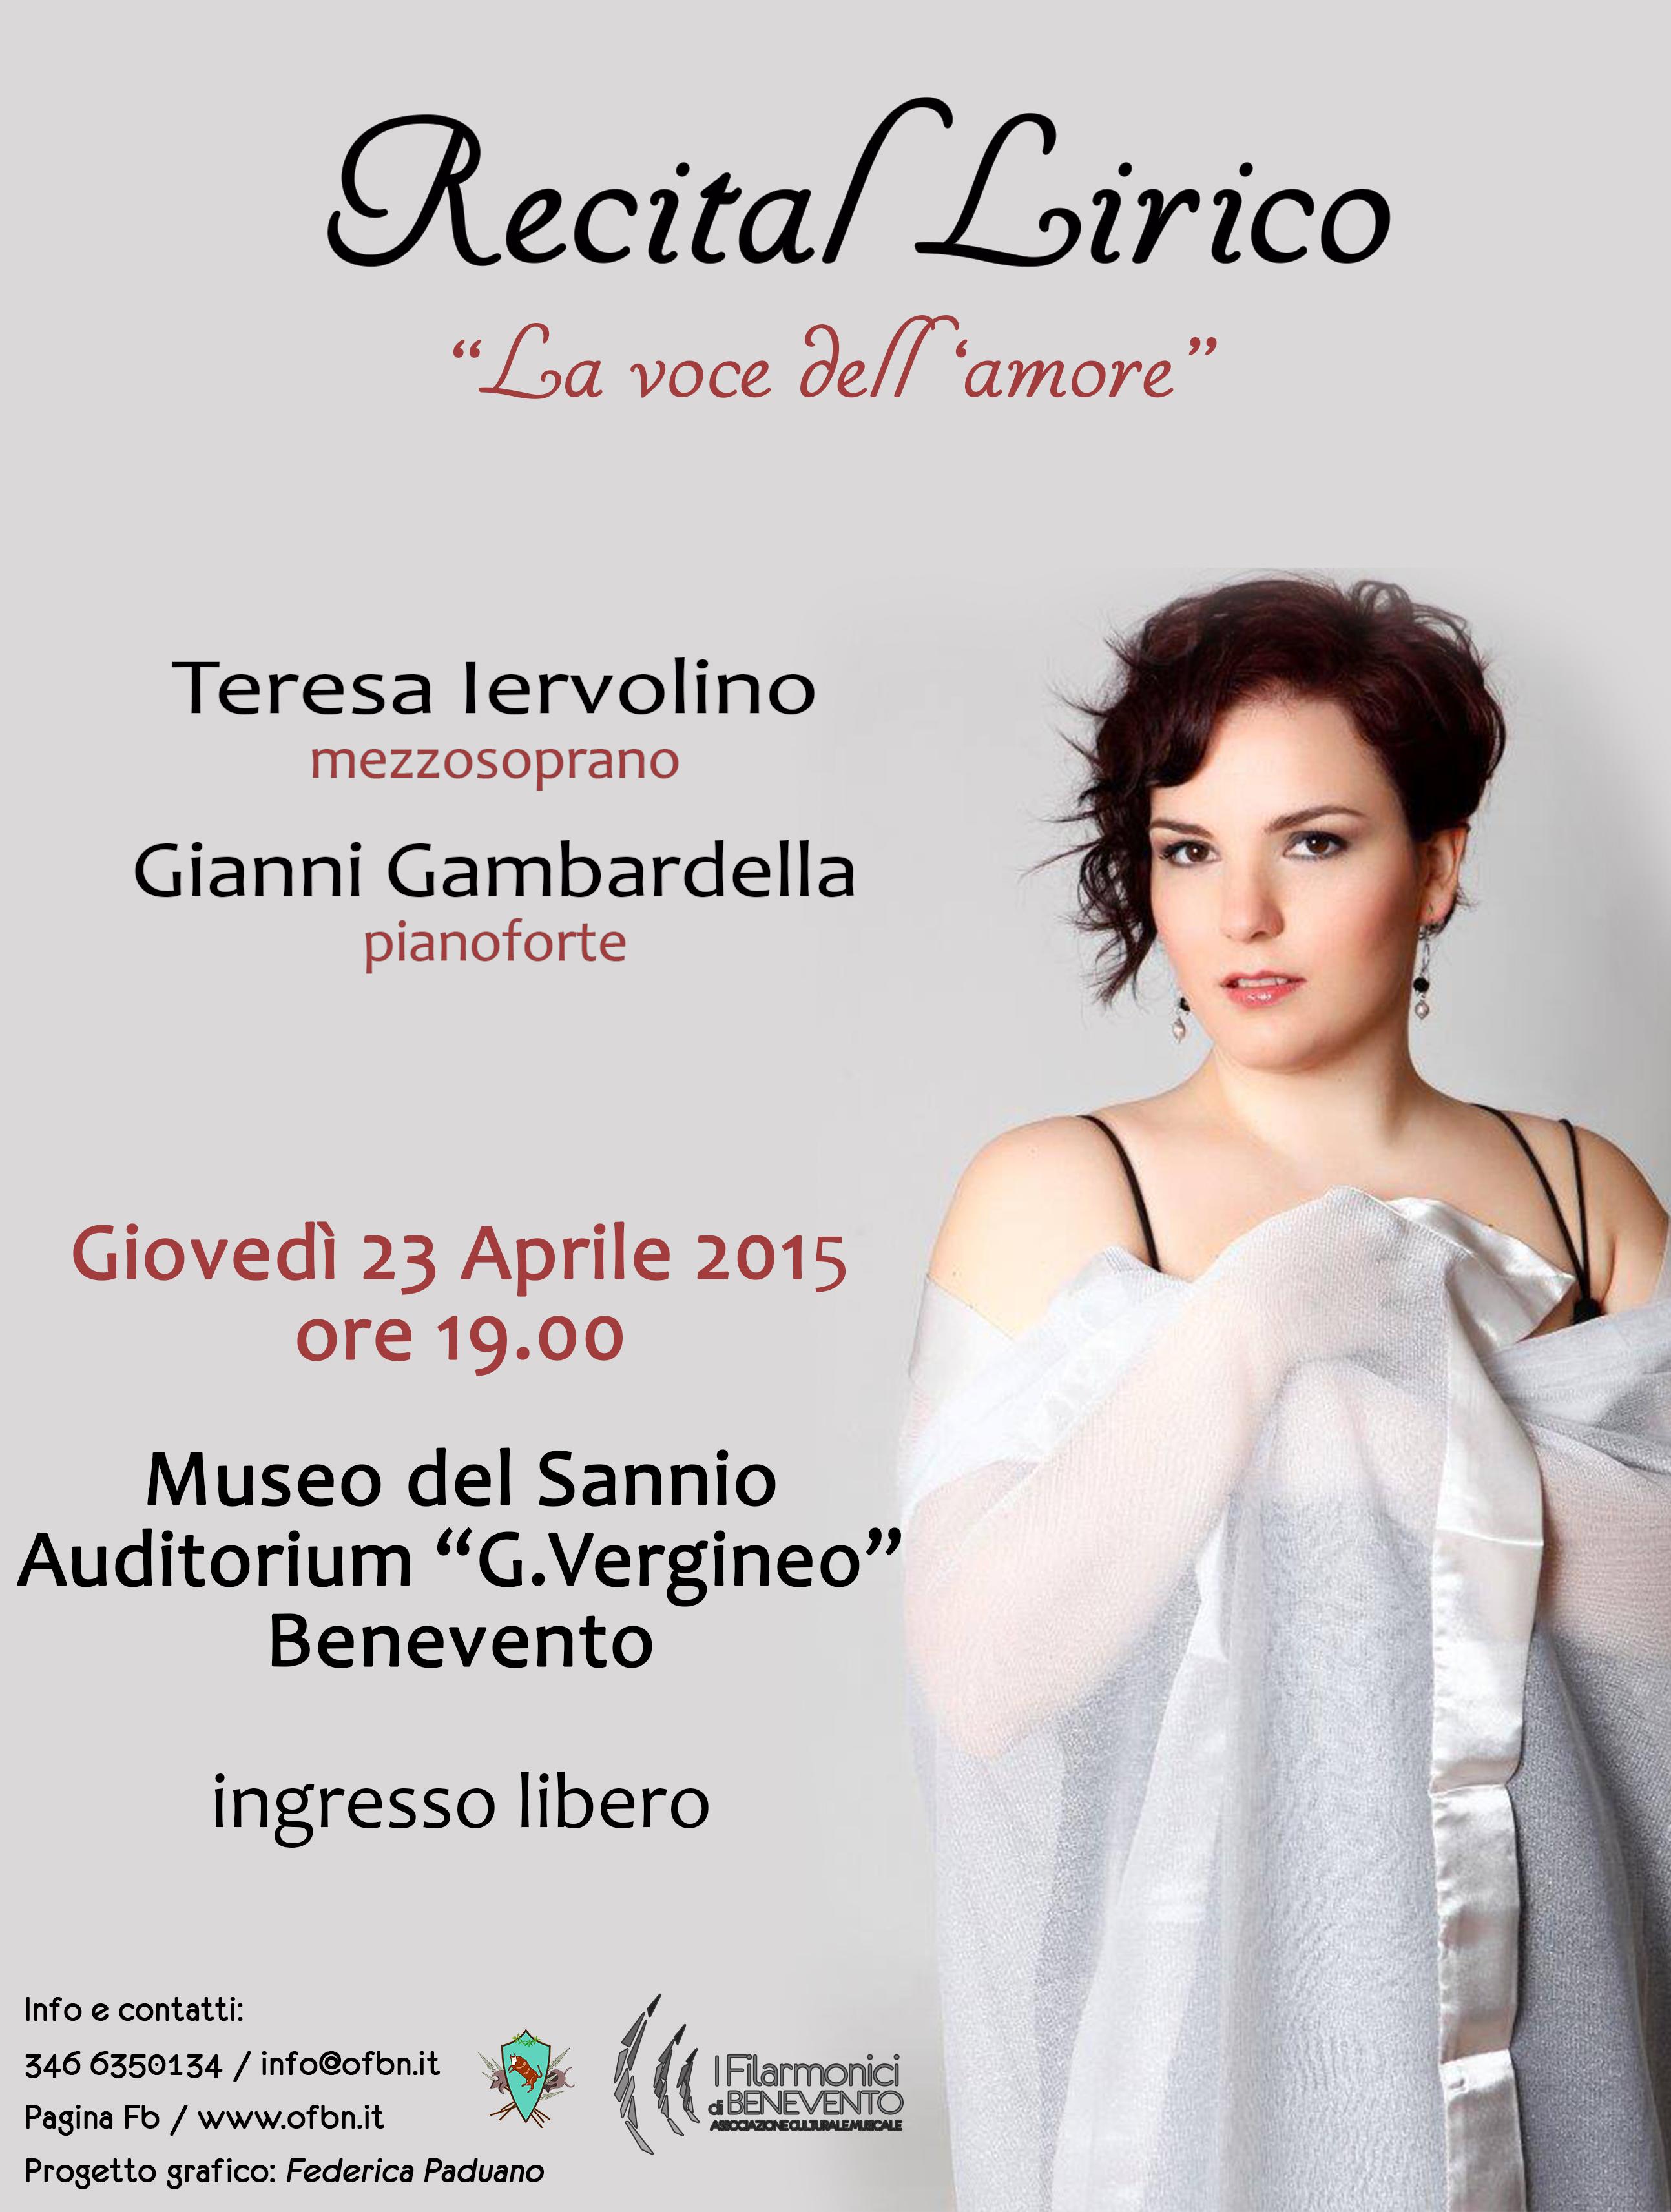 Recital lirico 'La voce dell'amore' per la stagione concertistica dell'Orchestra Filarmonica di Benevento